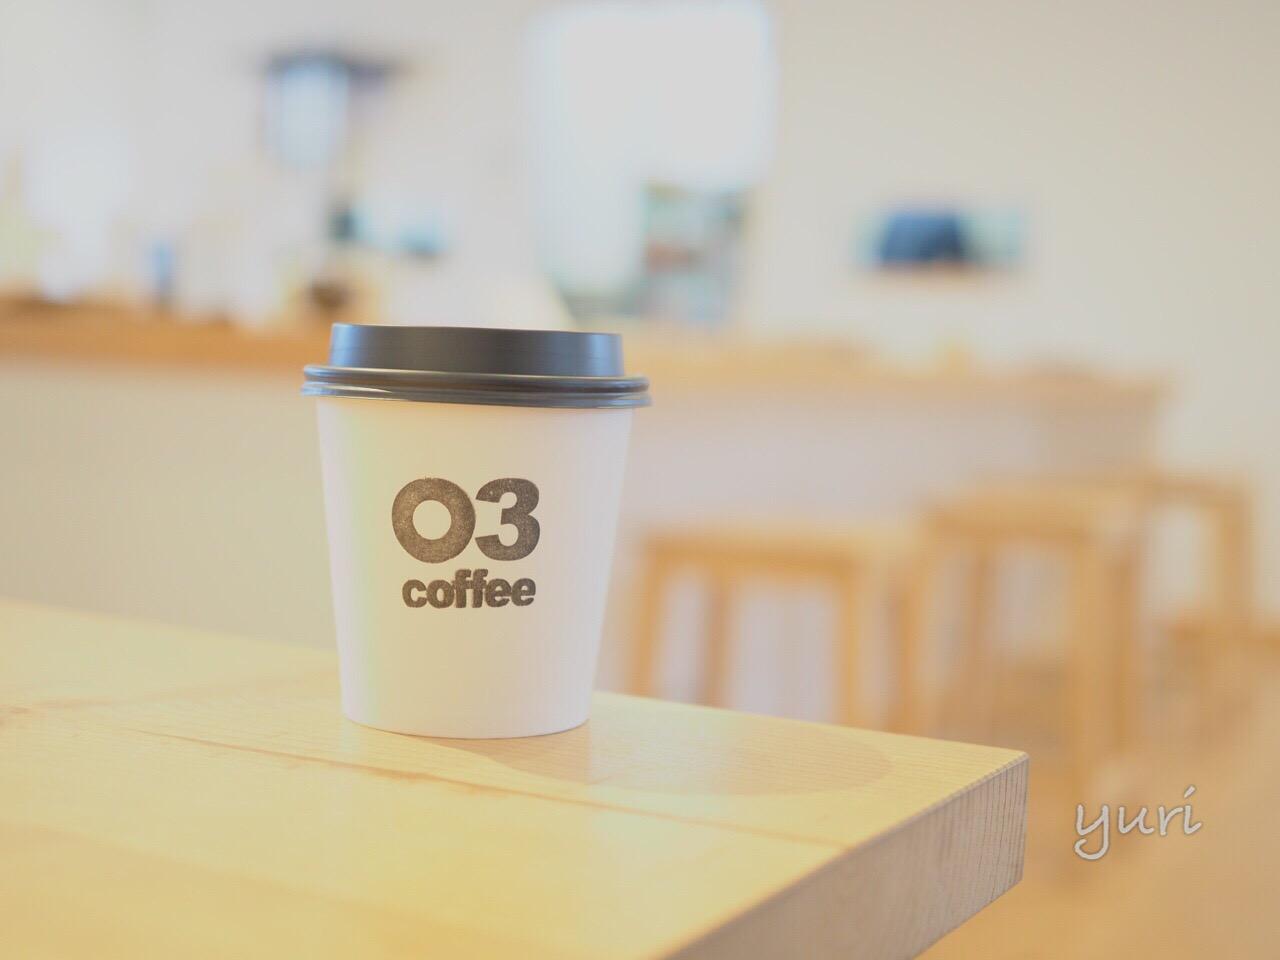 カフェや雑貨、テーブルフォトにおすすめな単焦点レンズの選び方